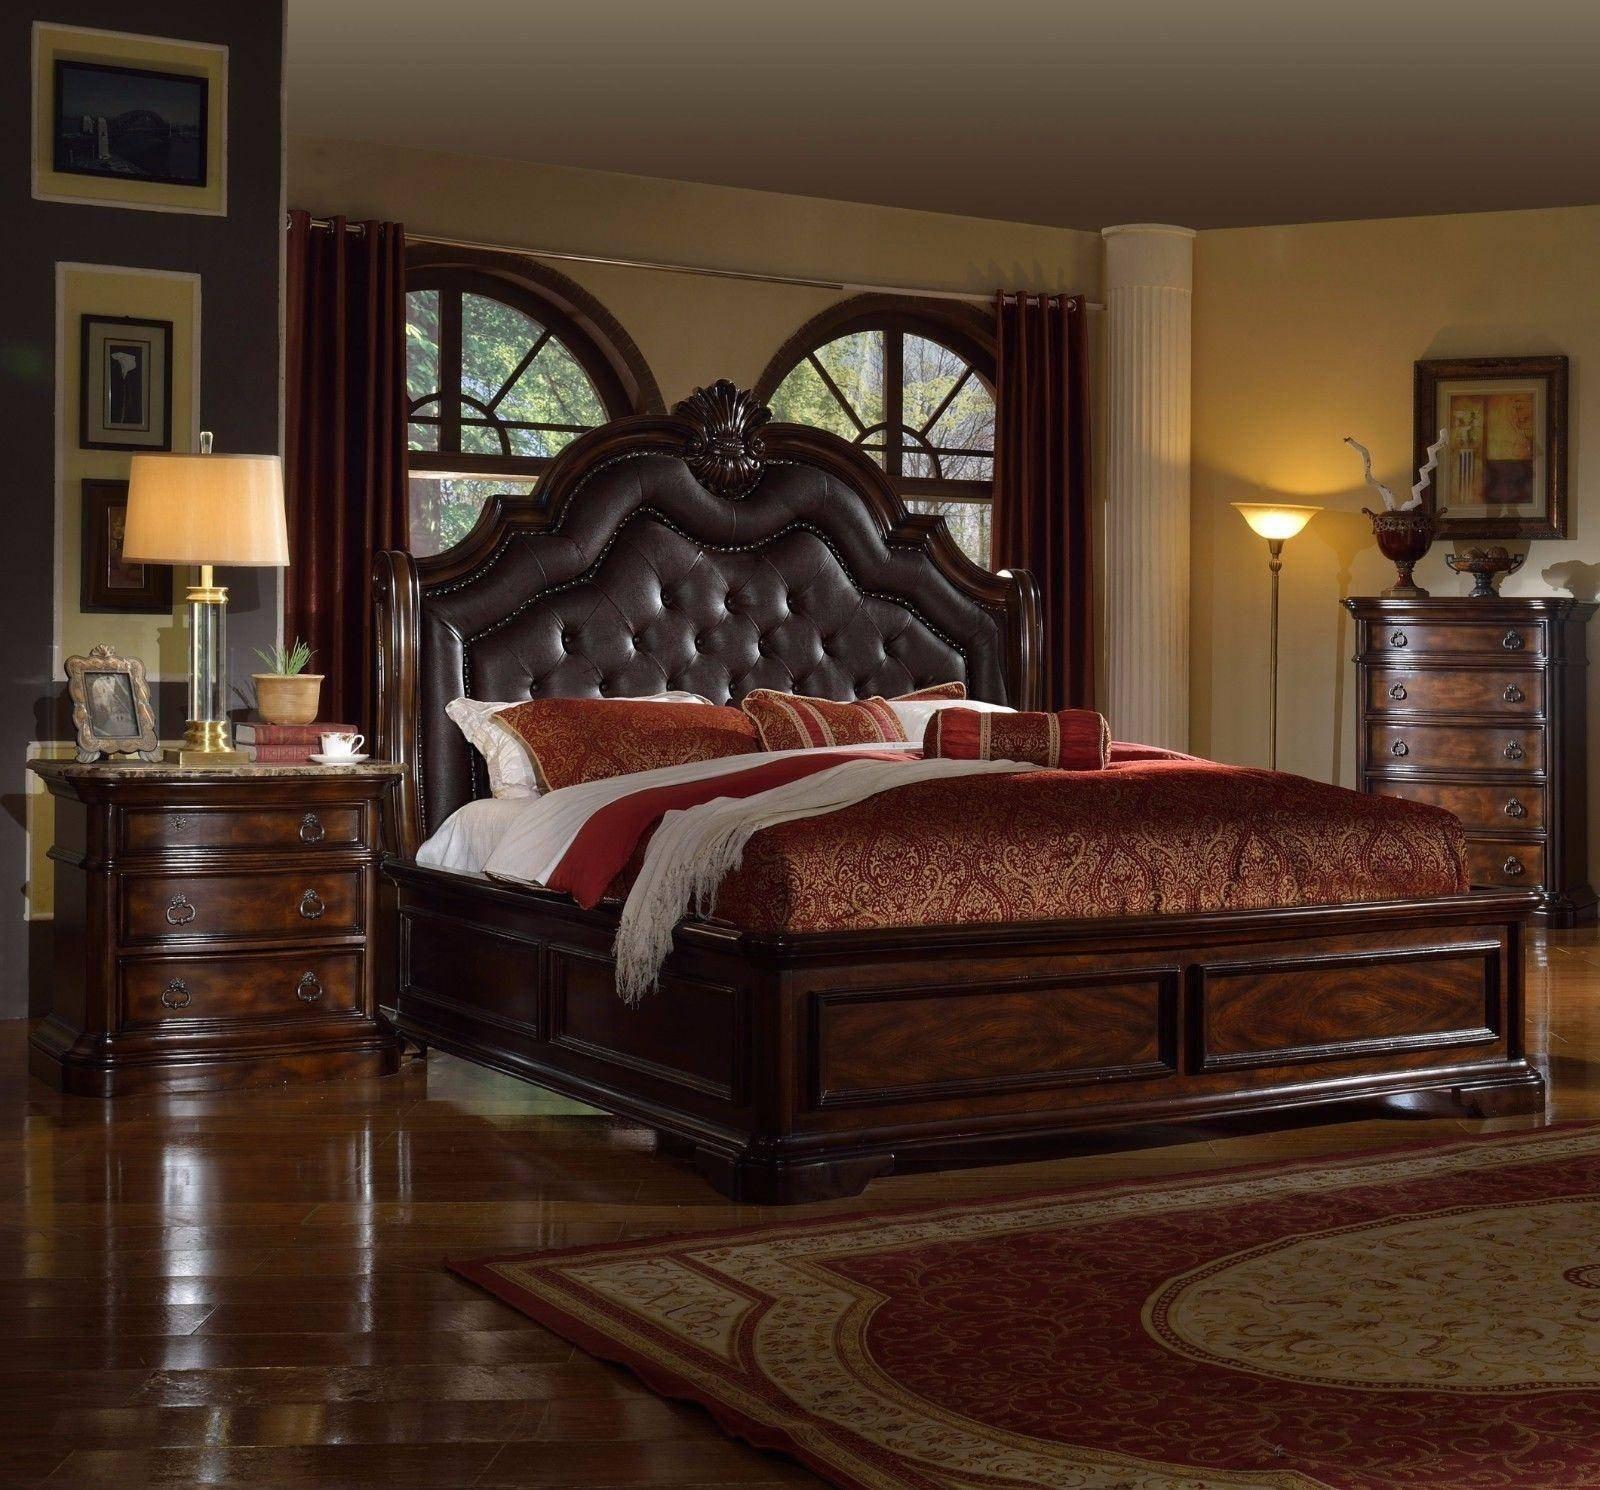 Used King Bedroom Set Awesome Mcferran B6002 Ek Tuscan Rich Brown solid Hardwood Eastern